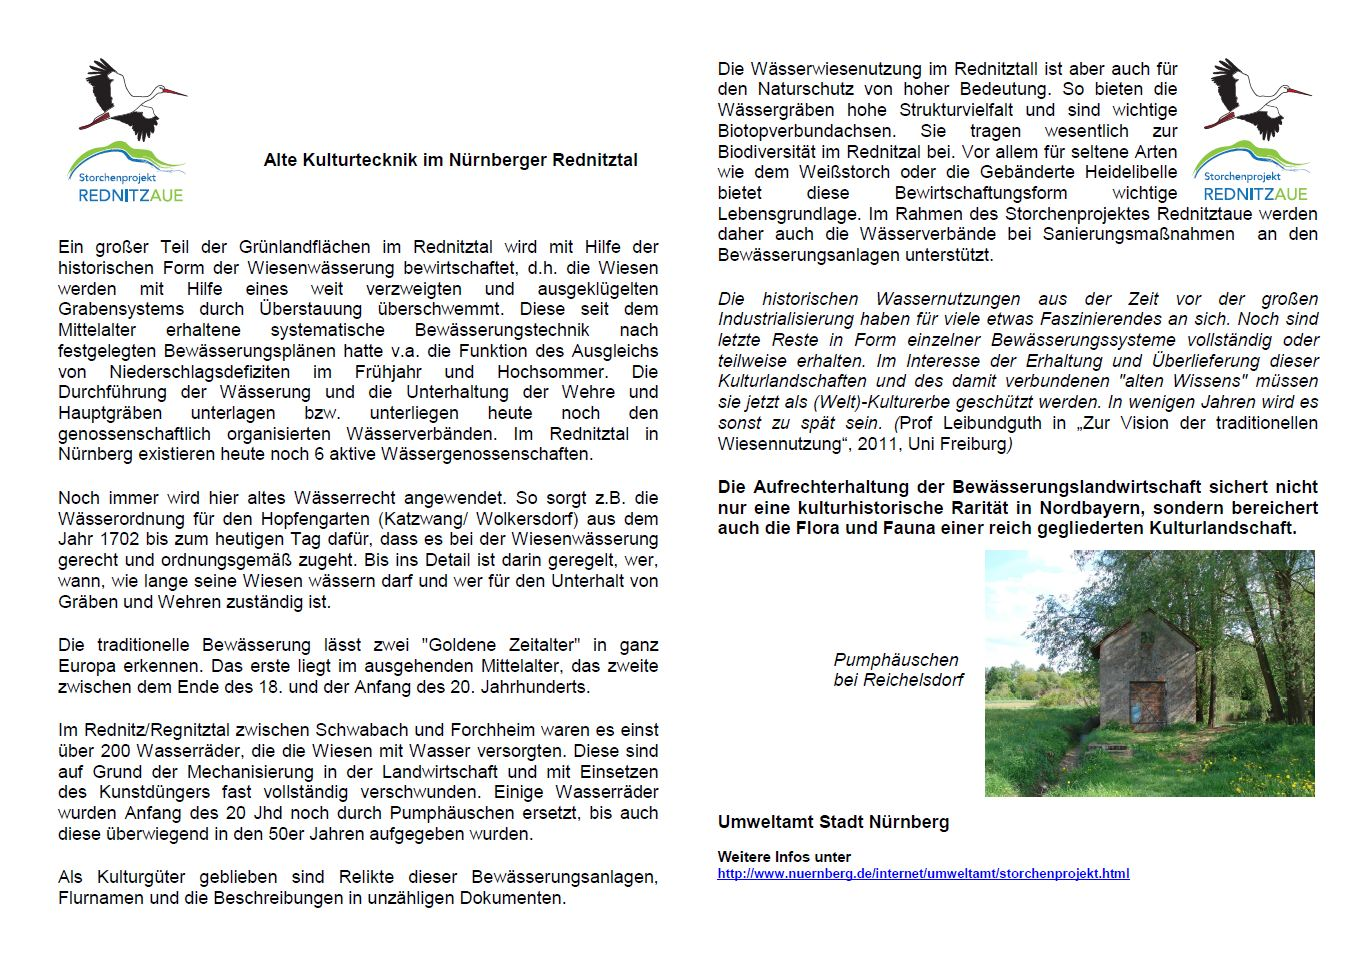 flyer wässerwiesen im rednitztal klein 2